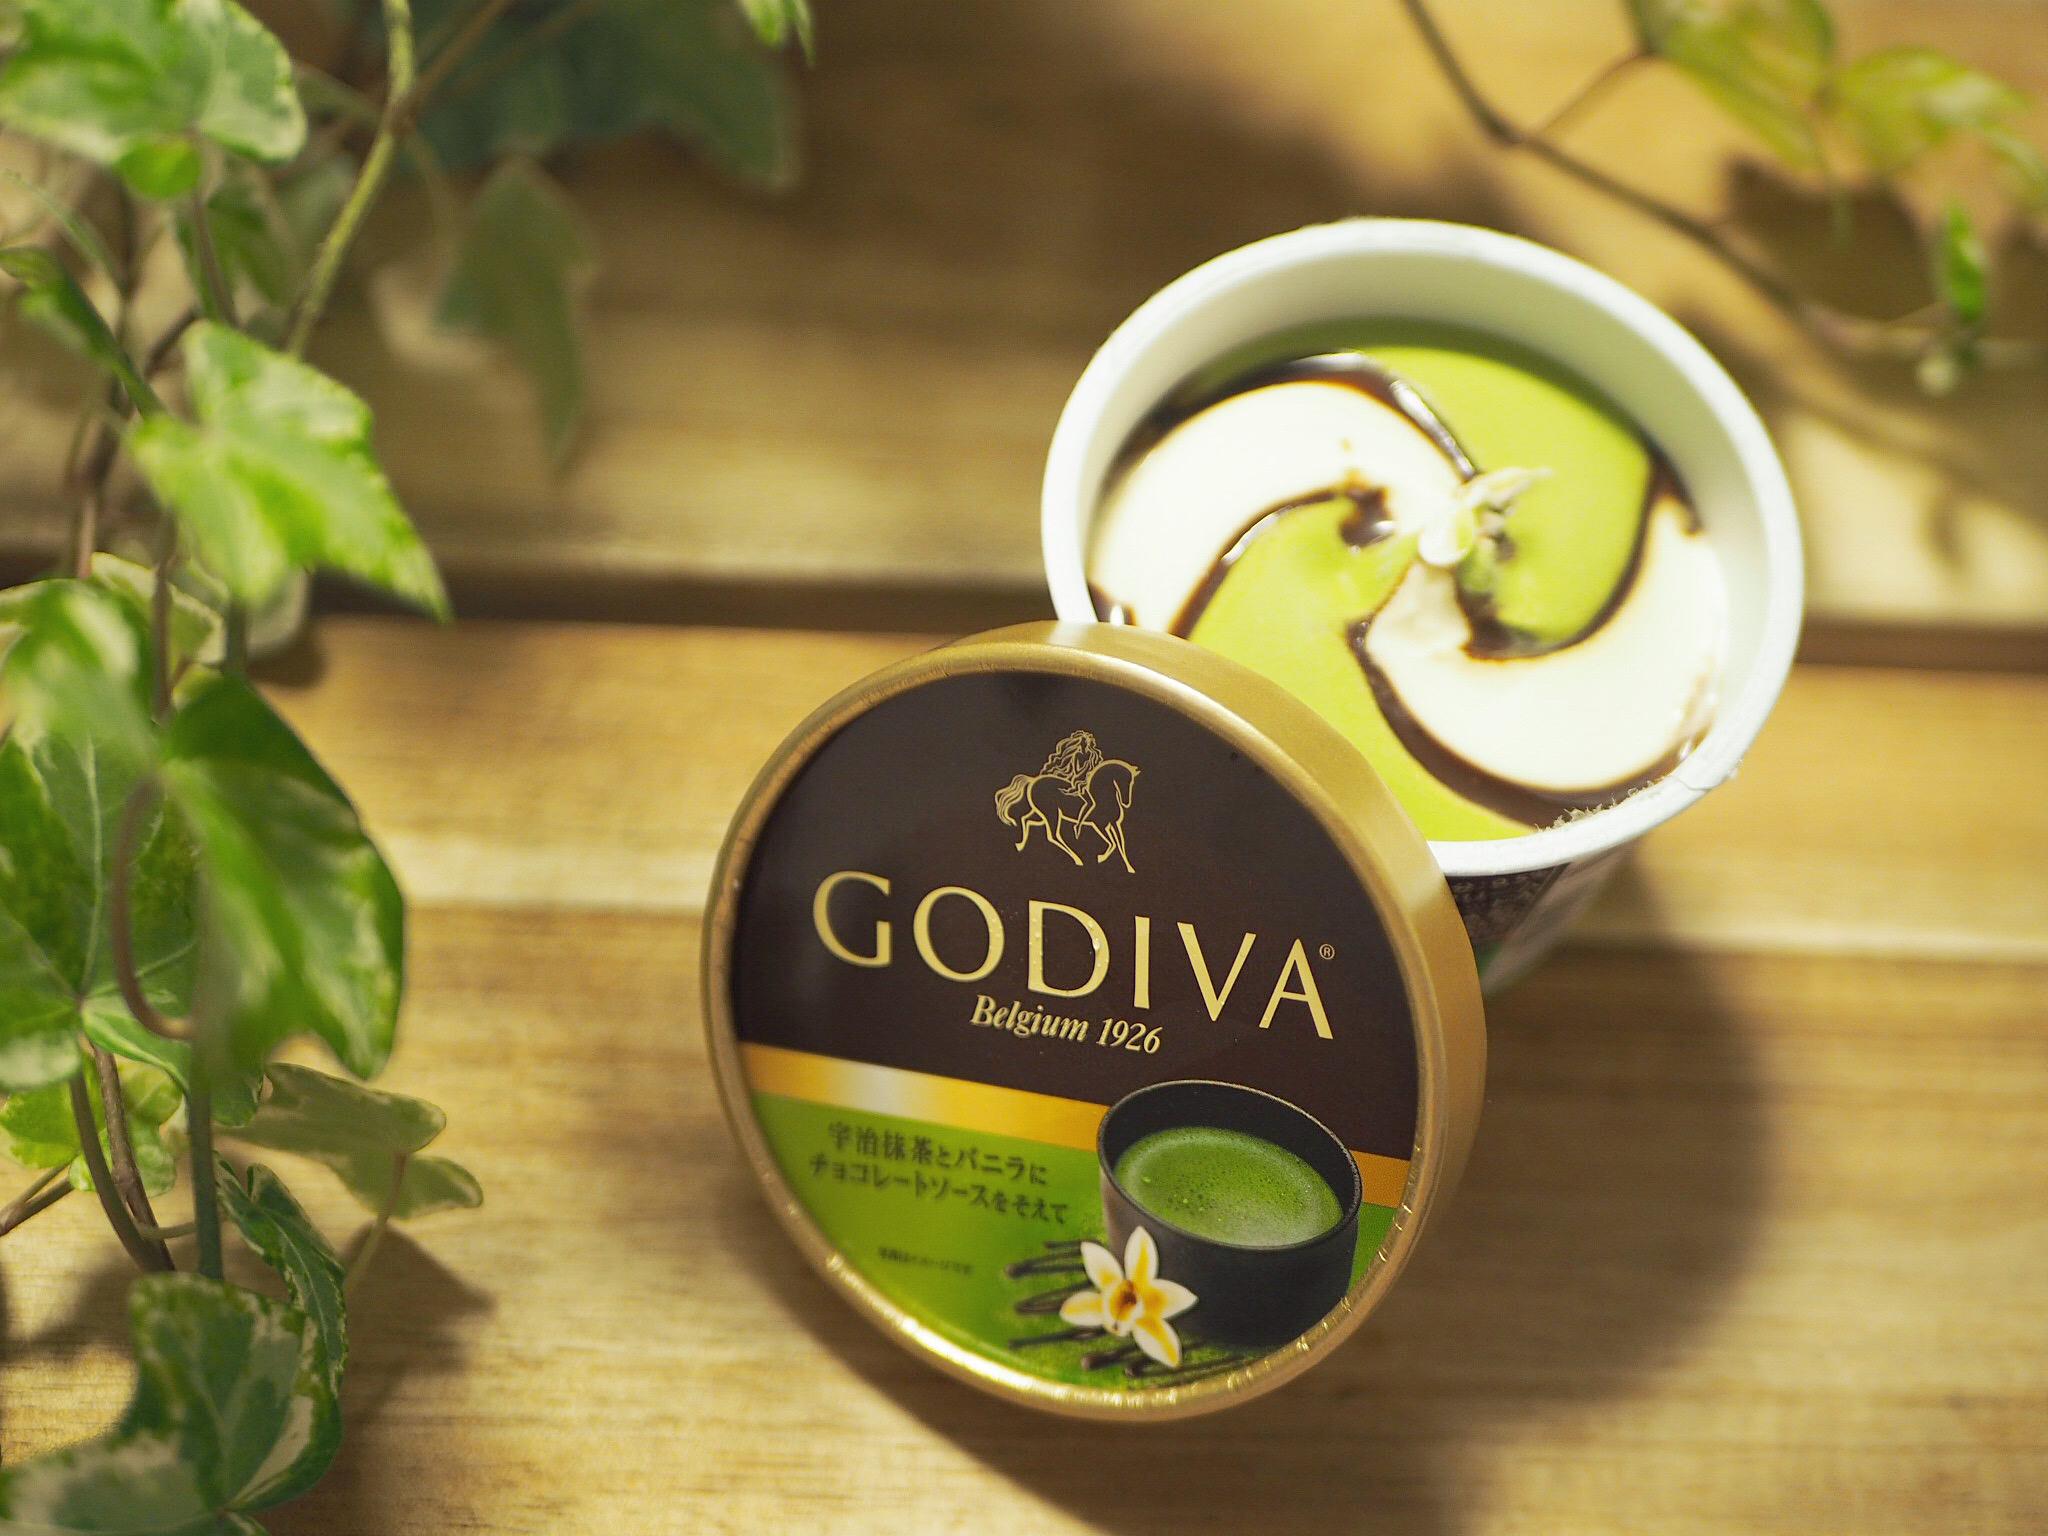 【おすすめアイス】《GODIVA×コンビニアイス》数量限定!「宇治抹茶とバニラにチョコレートソースを添えて」♡_6